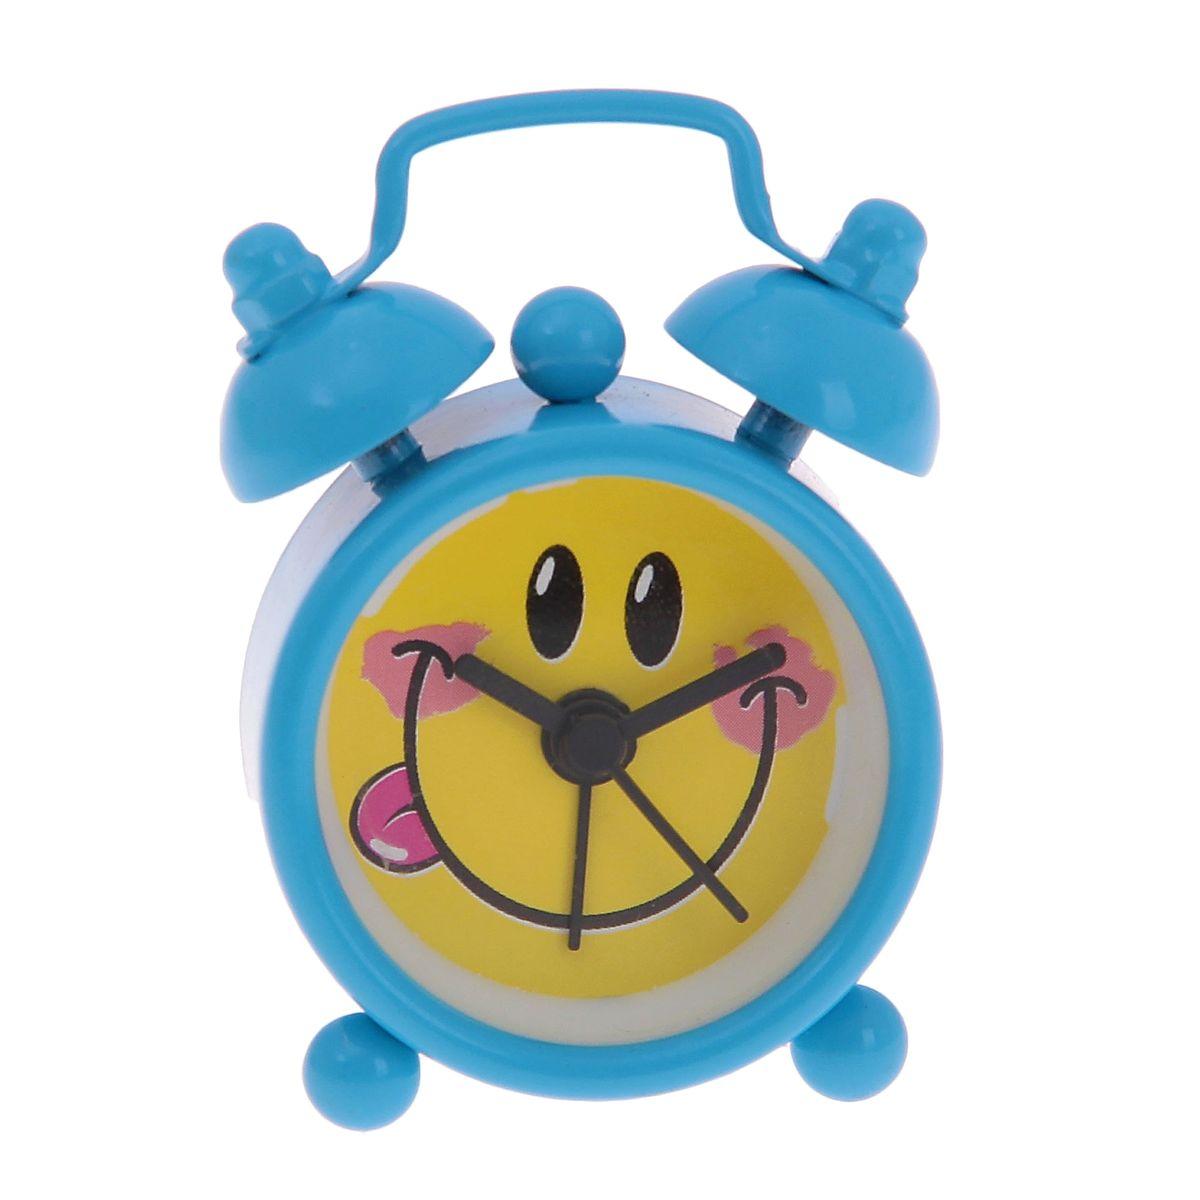 Часы-будильник Sima-land Смайлик, цвет: голубой872923Как же сложно иногда вставать вовремя! Всегда так хочется поспать еще хотябы 5 минут ибывает,что мы просыпаем. Теперь этого не случится! Яркий, оригинальный будильникSima-land Смайликпоможет вам всегдавставать в нужное время и успевать везде и всюду. Будильник украсит вашукомнату иприведет в восхищение друзей. Эта уменьшенная версия привычногобудильника умещаетсяналадони и работает так же громко, как и привычные аналоги. Время показываетточно и будит вустановленный час. На задней панели будильника расположены переключательвключения/выключения механизма,атакже два колесика для настройки текущего времени и времени звонкабудильника. Будильник работает от 1 батарейки типа LR44 (входит в комплект).